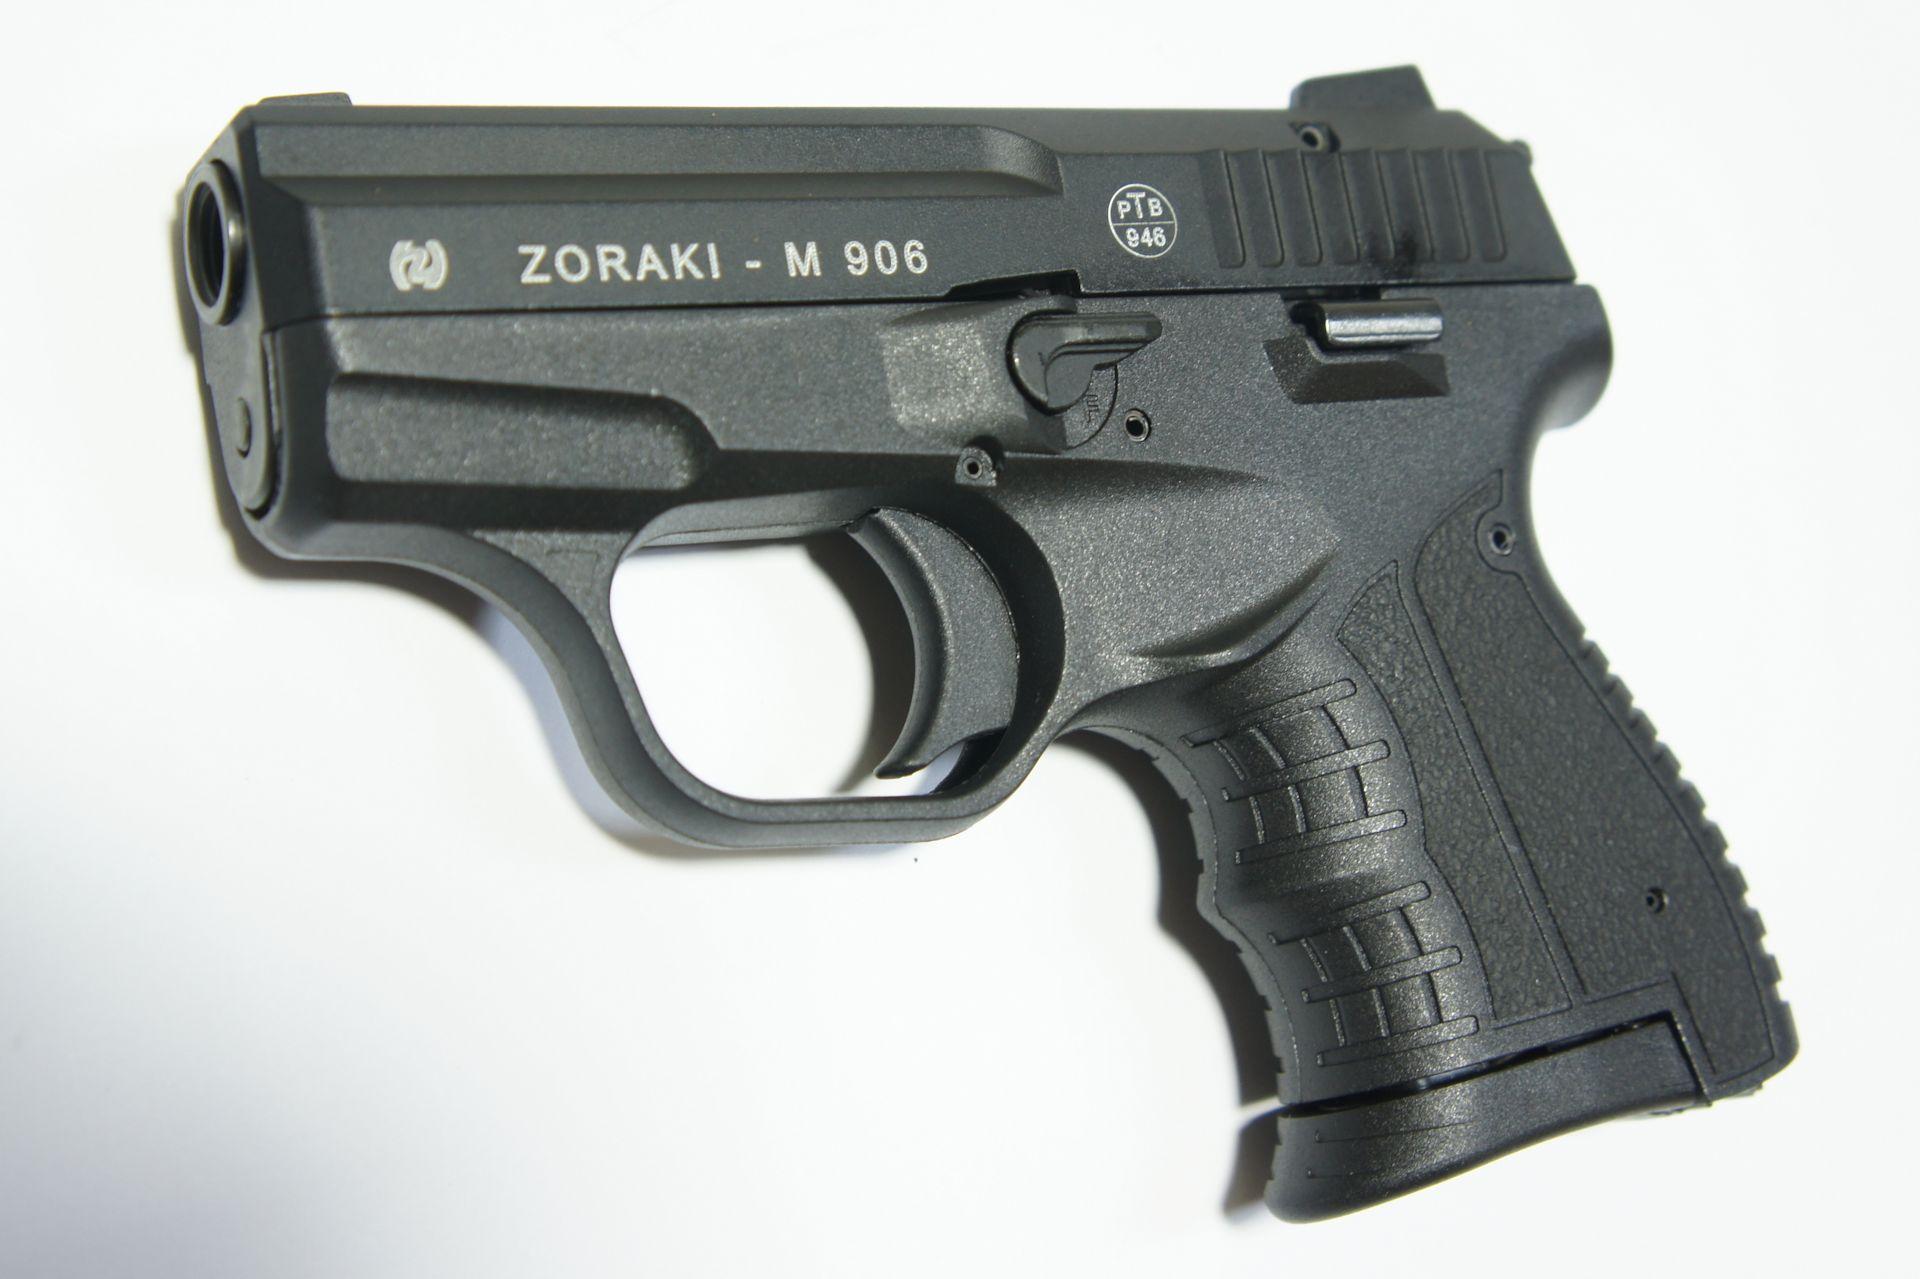 Diese Holster ist beispielsweise für diese <a href=1040860.htm>beliebte und kleine Gaspistole </a>passend.